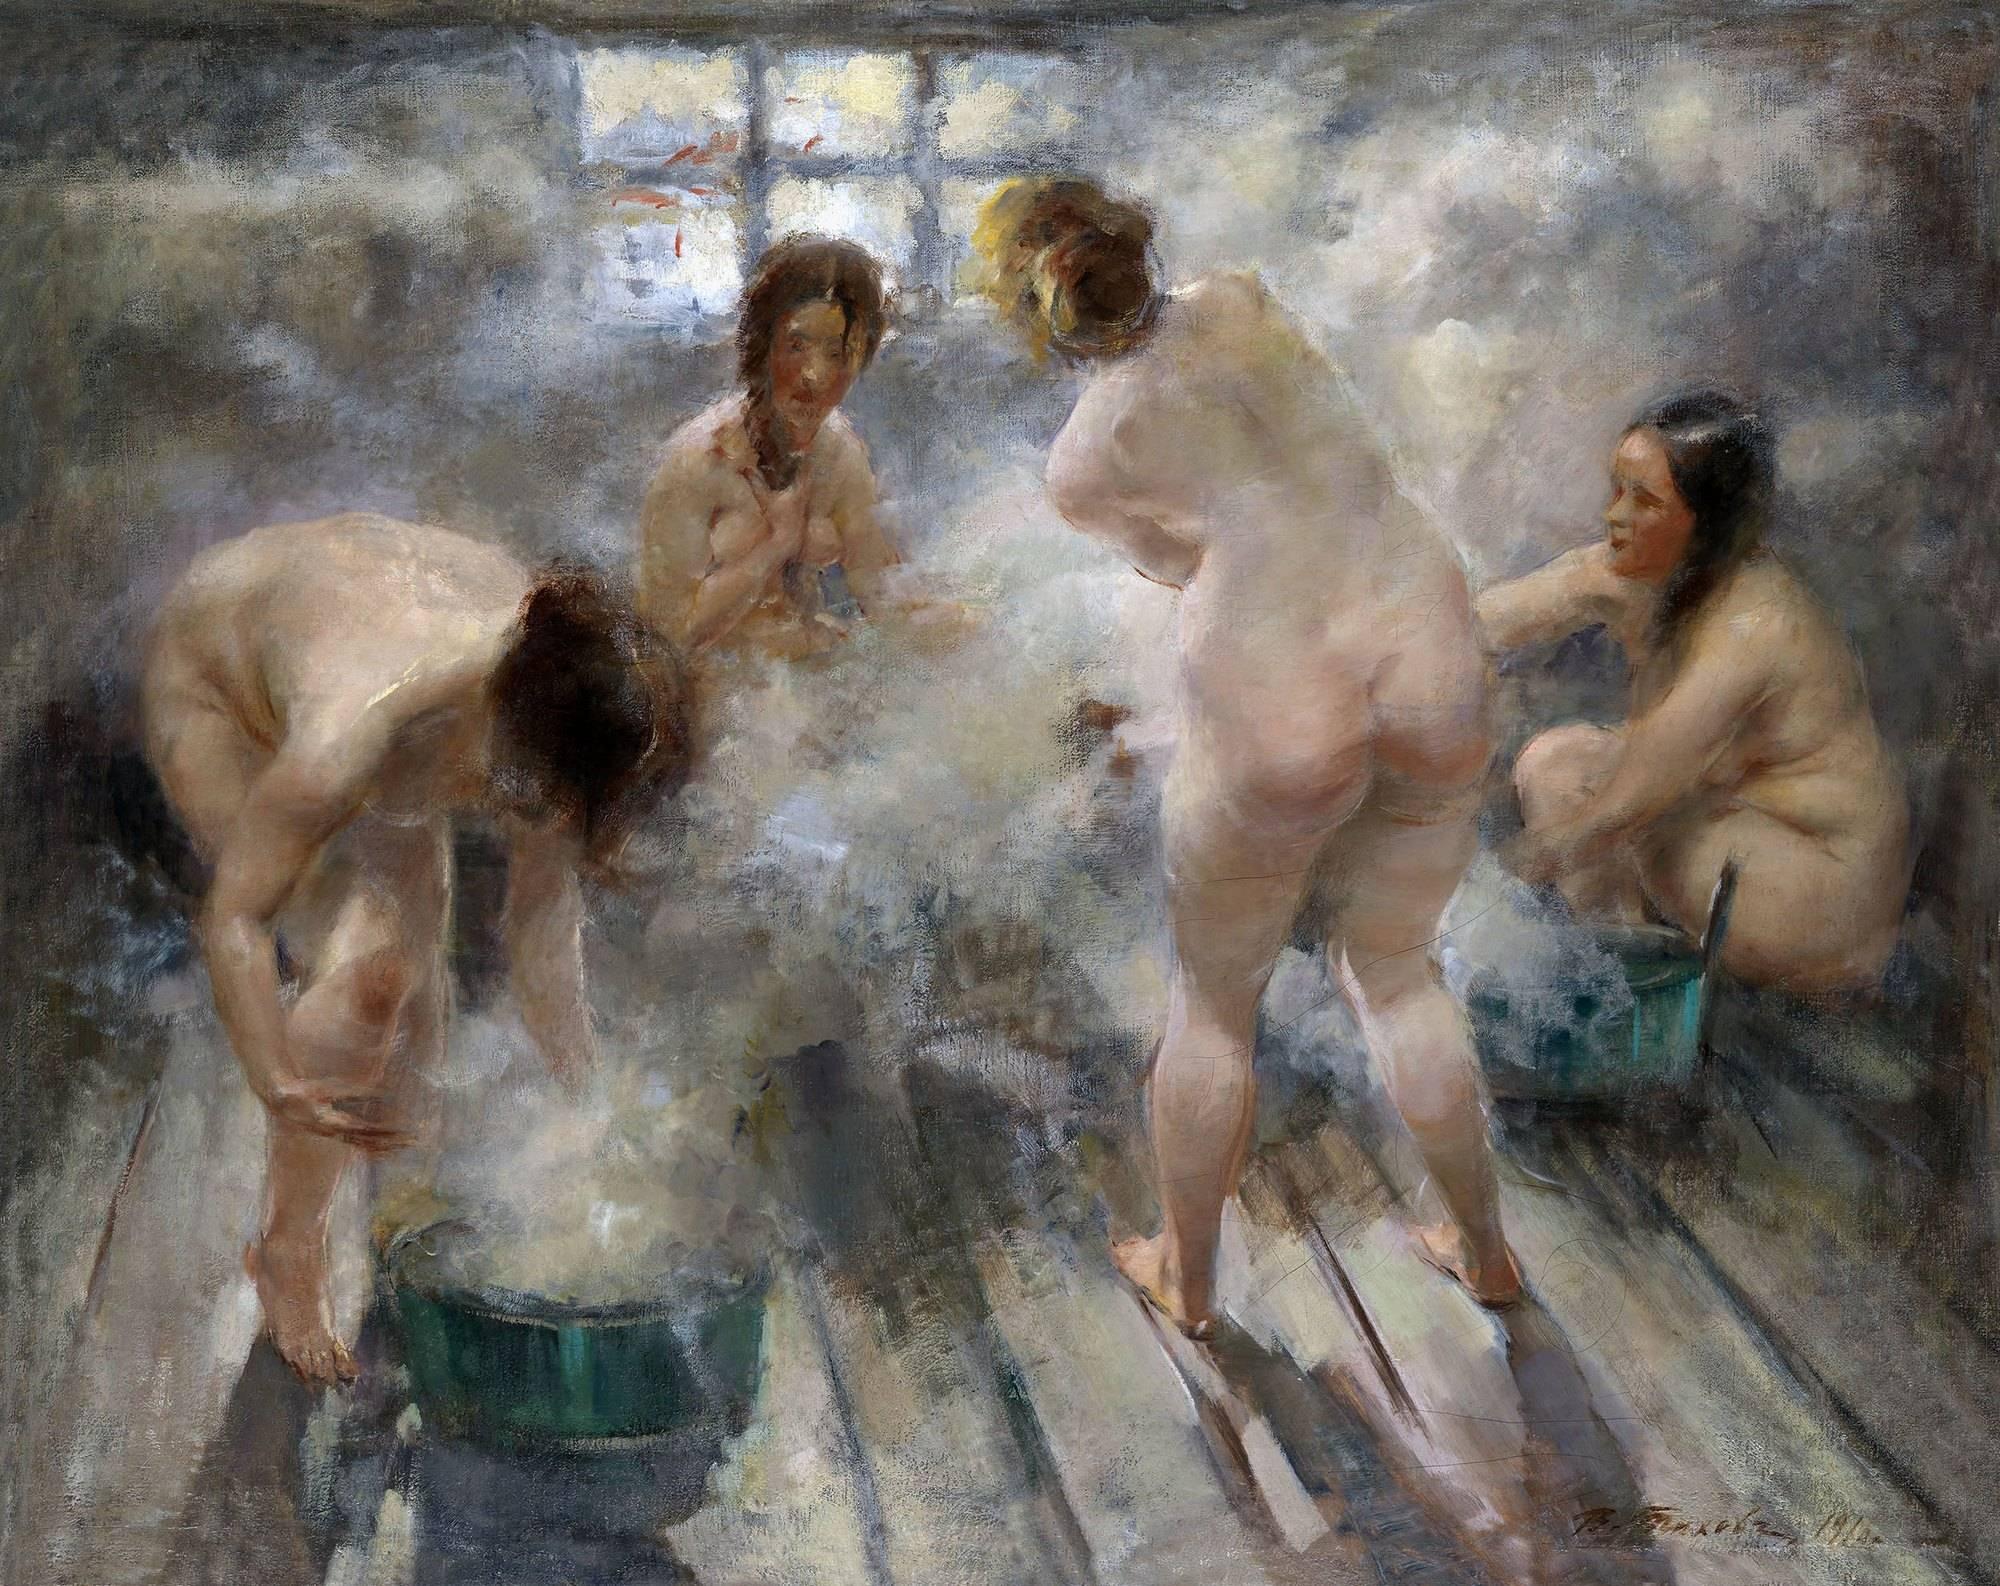 Фото деревенских женщин моющихся в бане 28 фотография